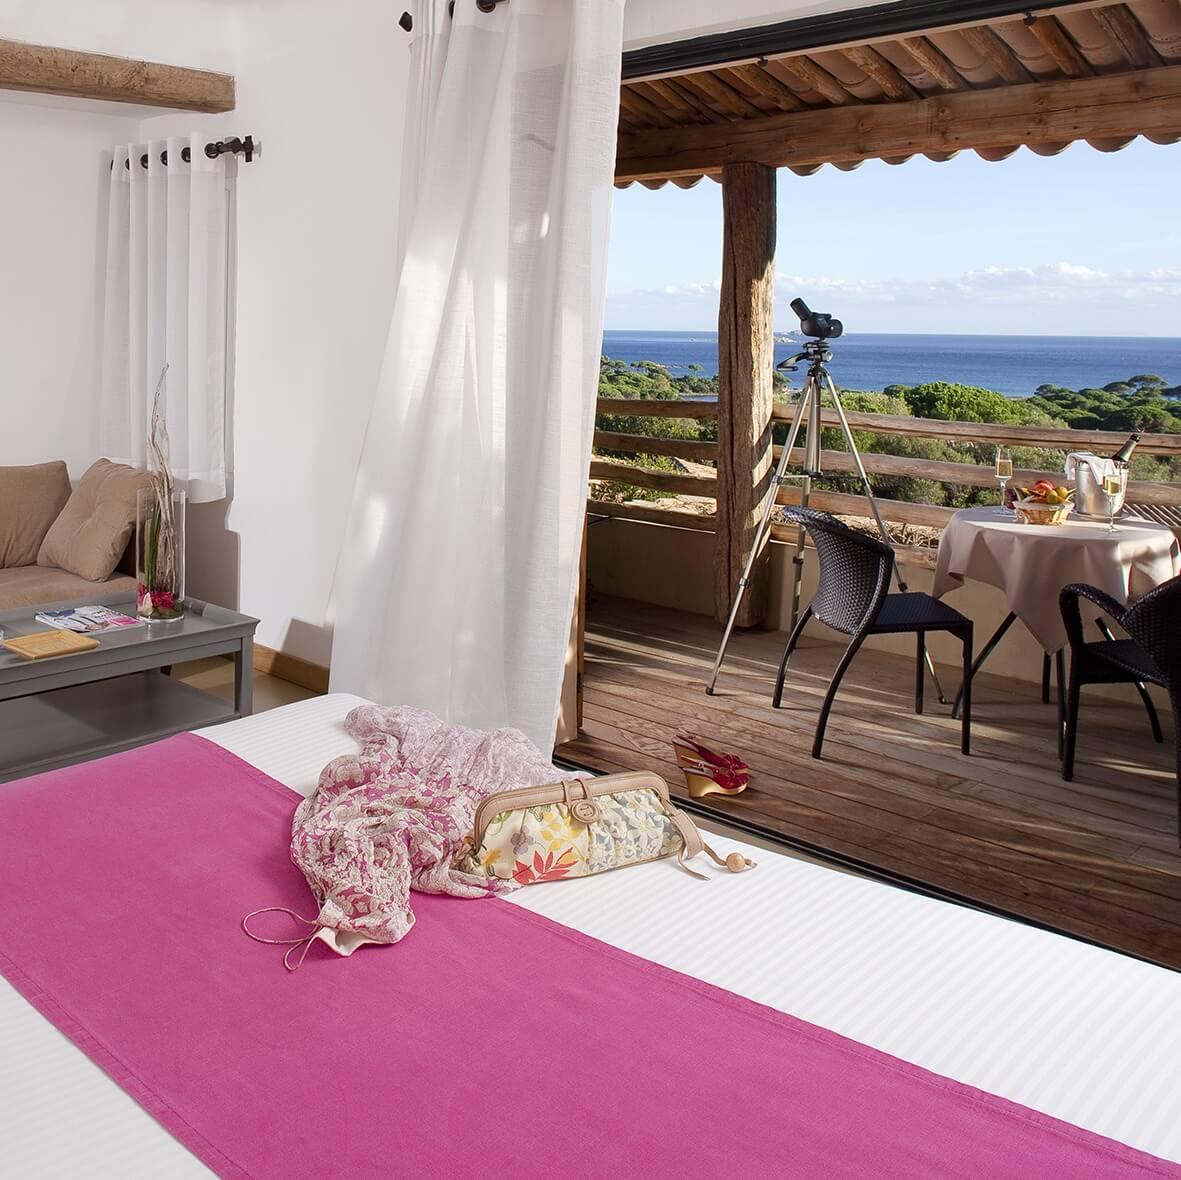 Chambre Panoramique - Hôtel Les Bergeries de Palombaggia - Porto-Vecchio - Corse du Sud